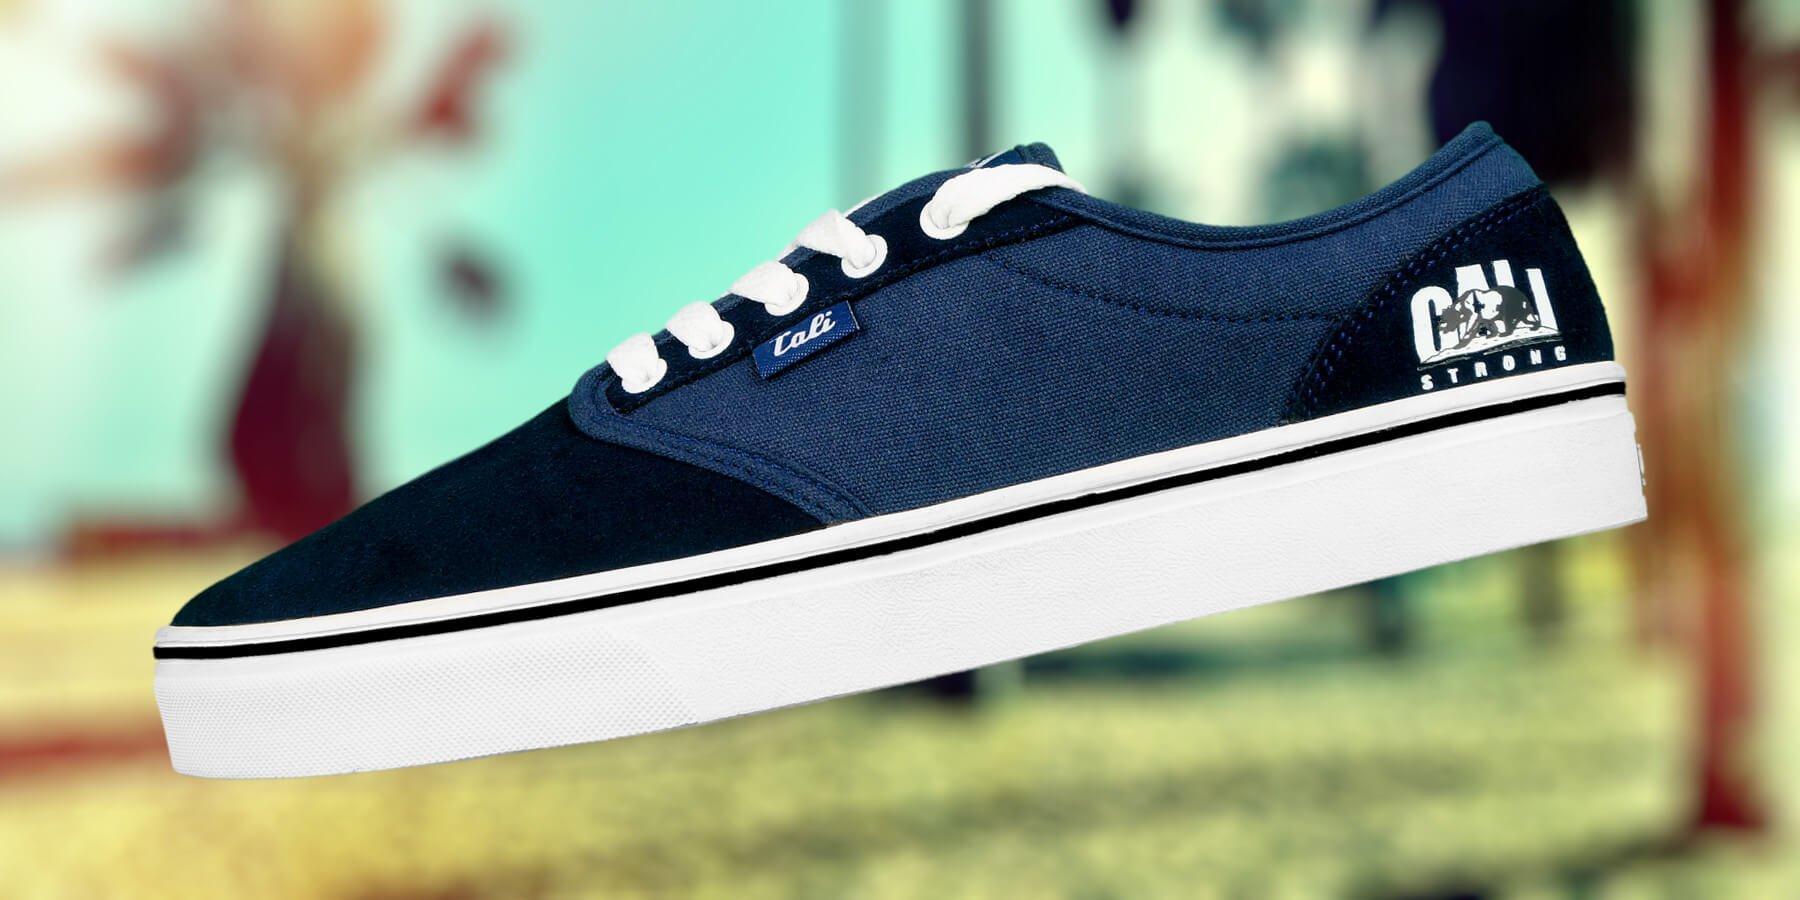 The CALI Strong OC Skate Shoe Navy White